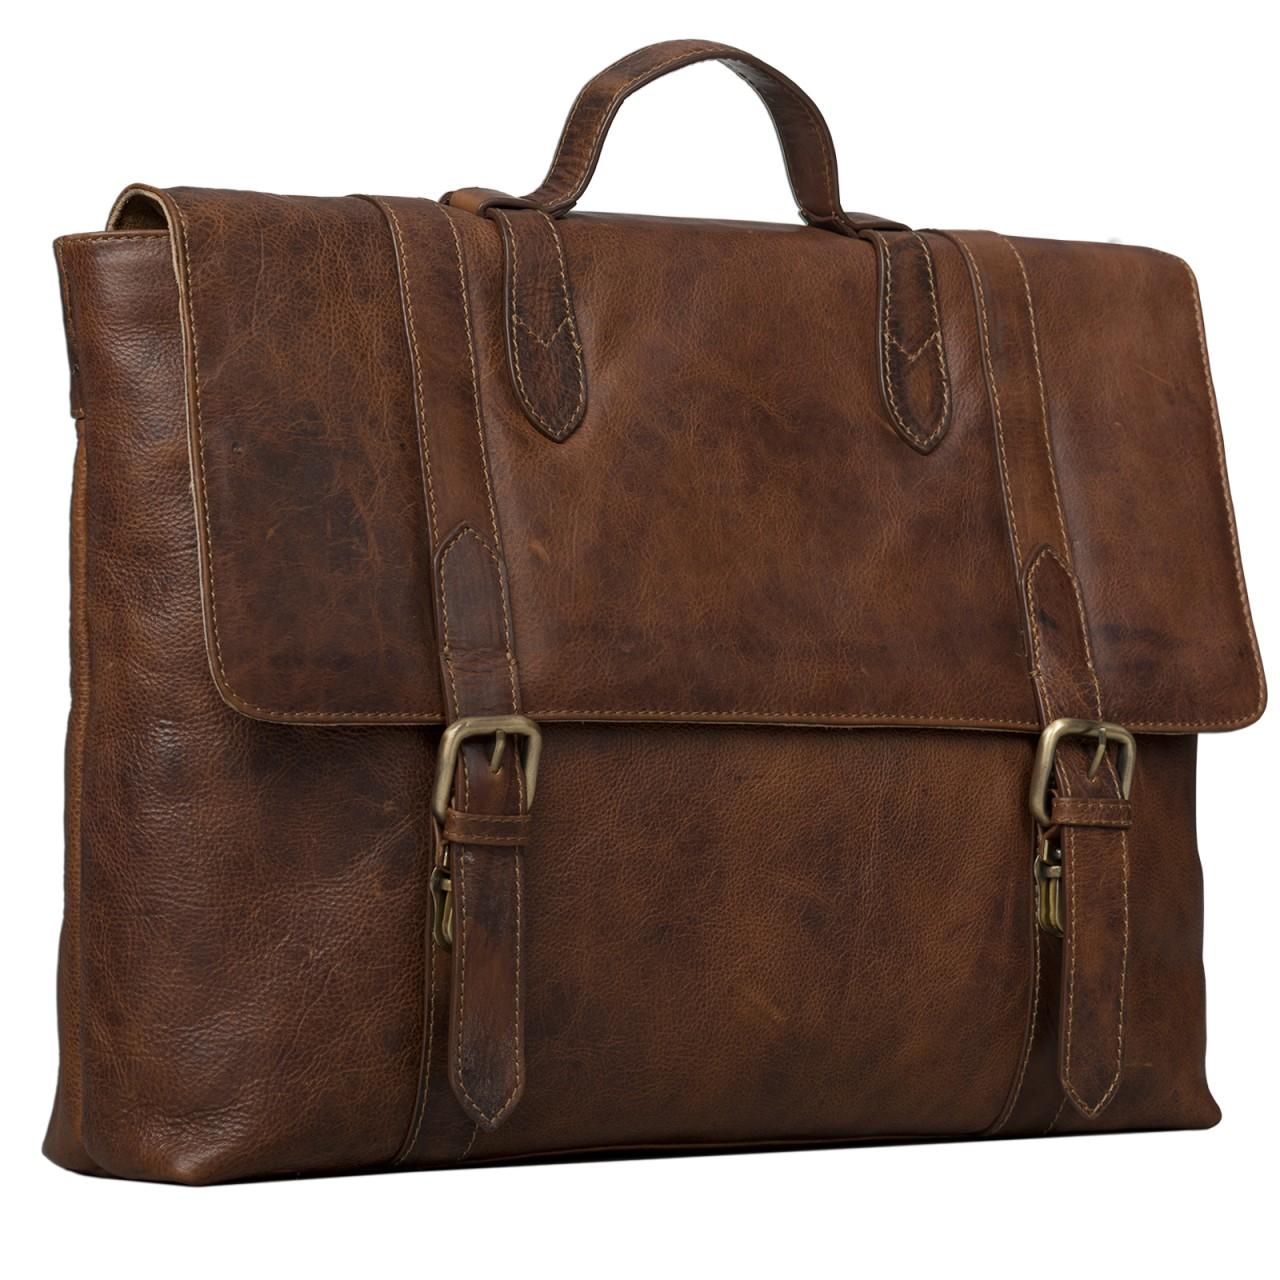 STILORD Vintage Aktentasche Herren Damen Business Tasche Retro Bürotasche Retro Arbeitstasche echtes Rinds Leder braun - Bild 1